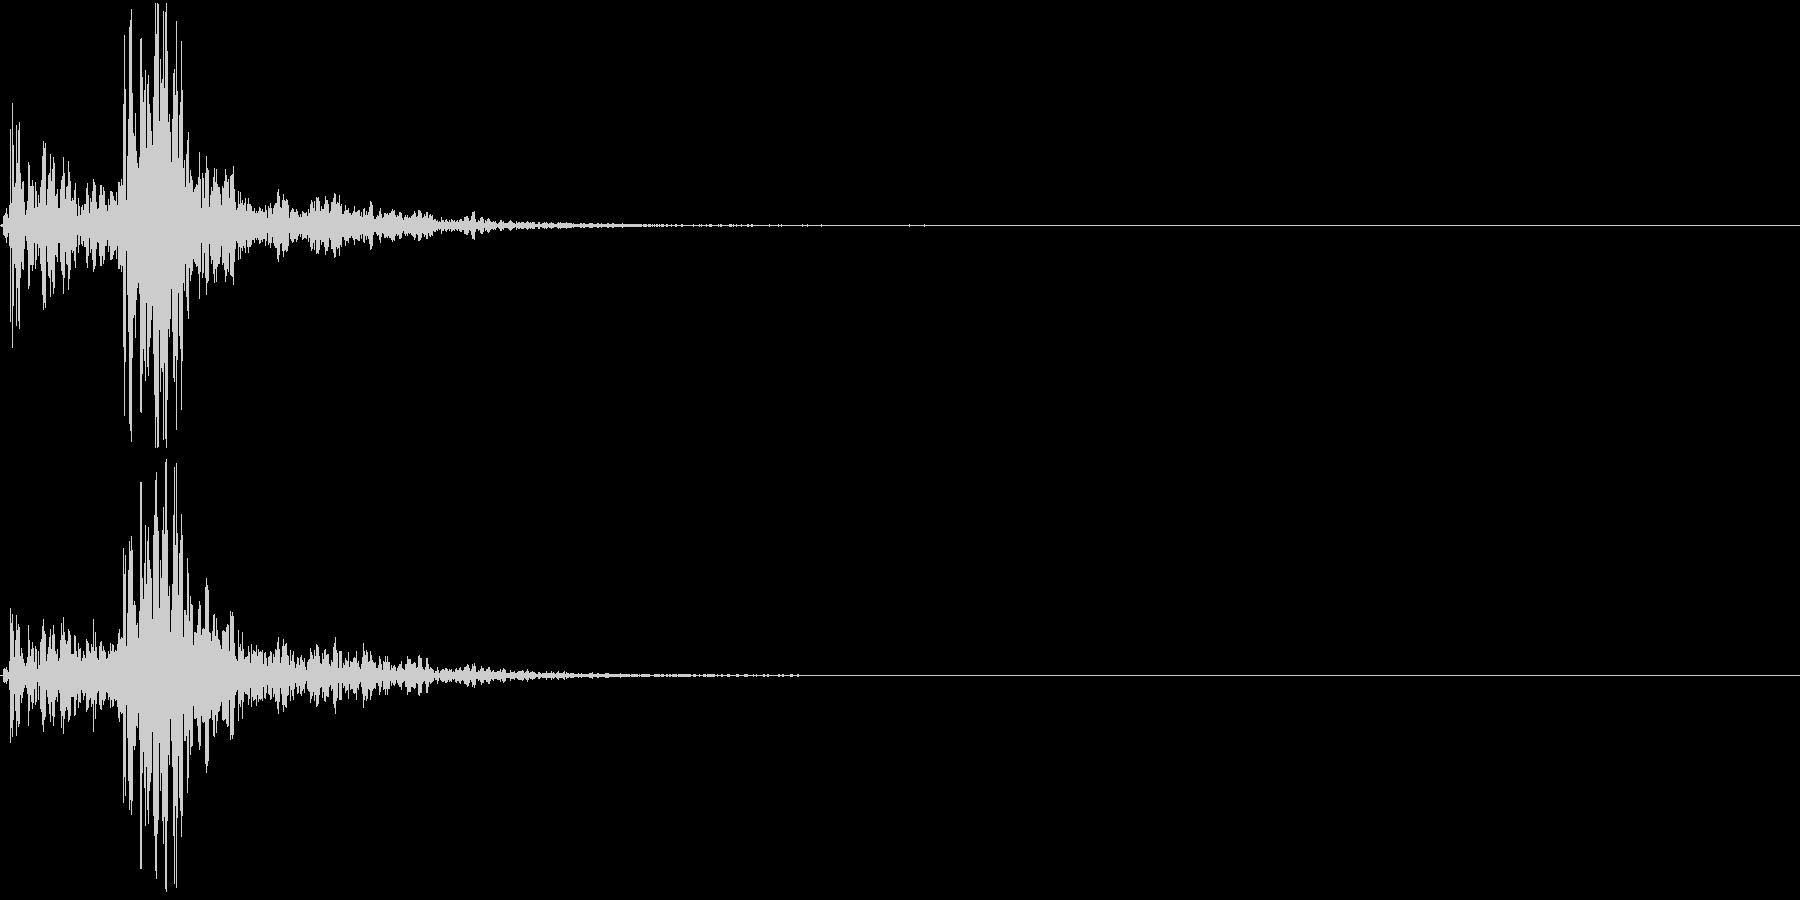 【生録音】蹴る音 キック 再現音 6の未再生の波形